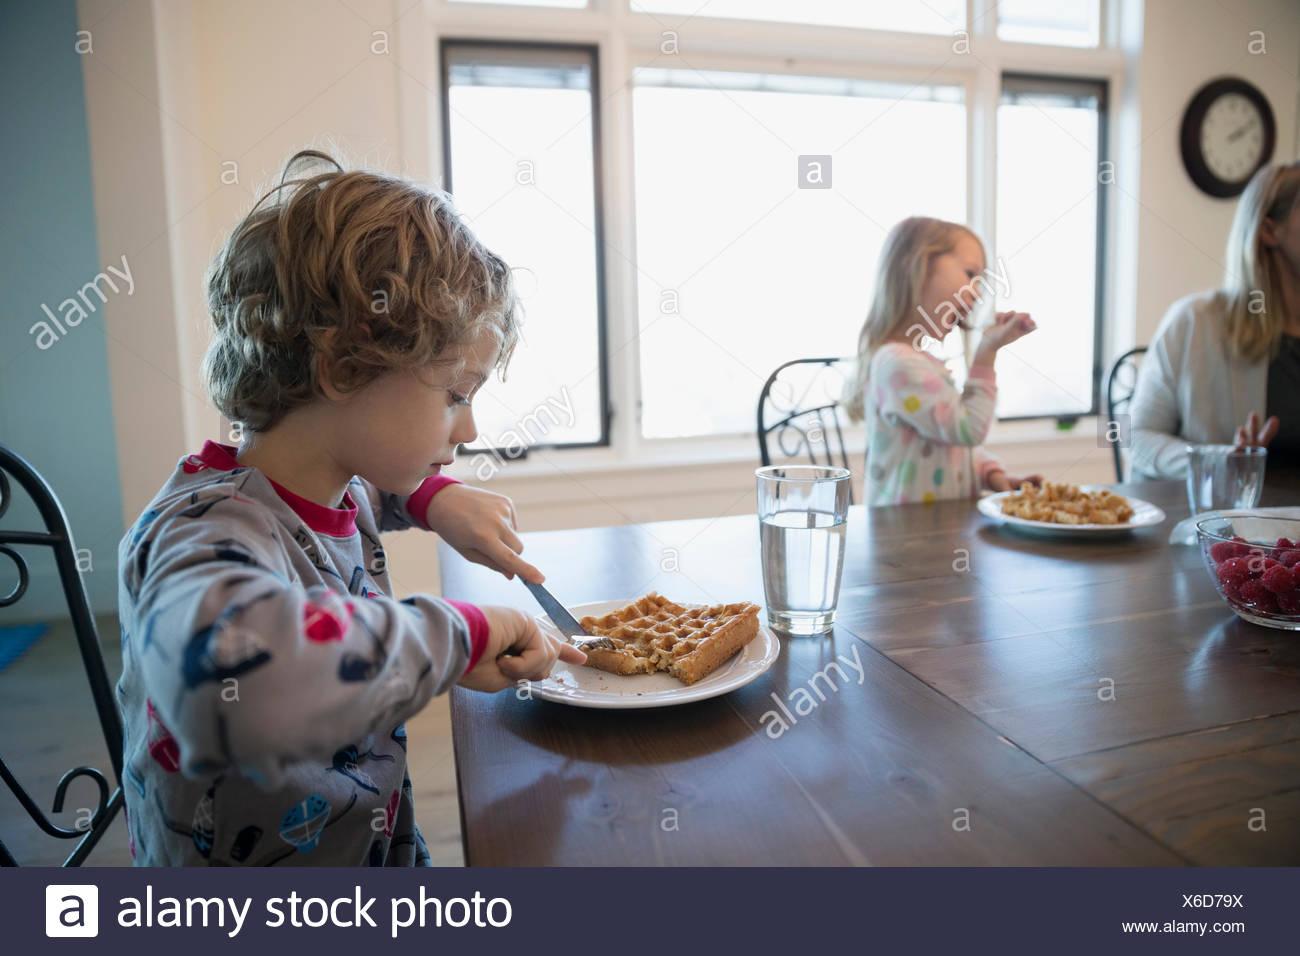 Junge essen Waffeln am Frühstückstisch Stockbild